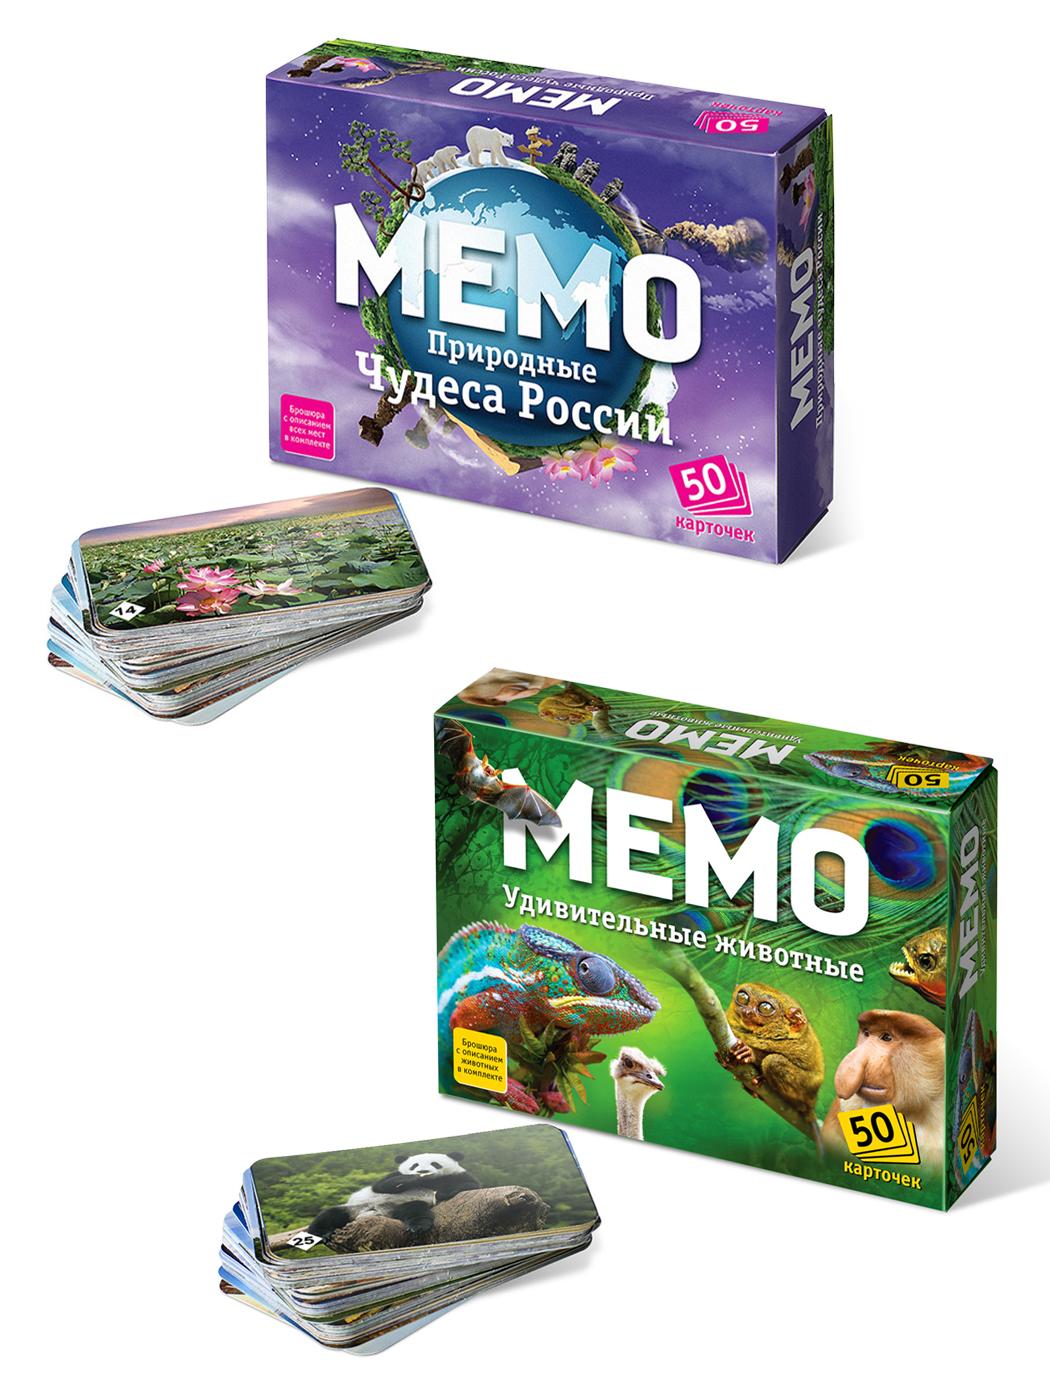 Купить Настольная игра Нескучные Игры 2в1 Мемо Природ. чудеса России Мемо Удивительные животные,